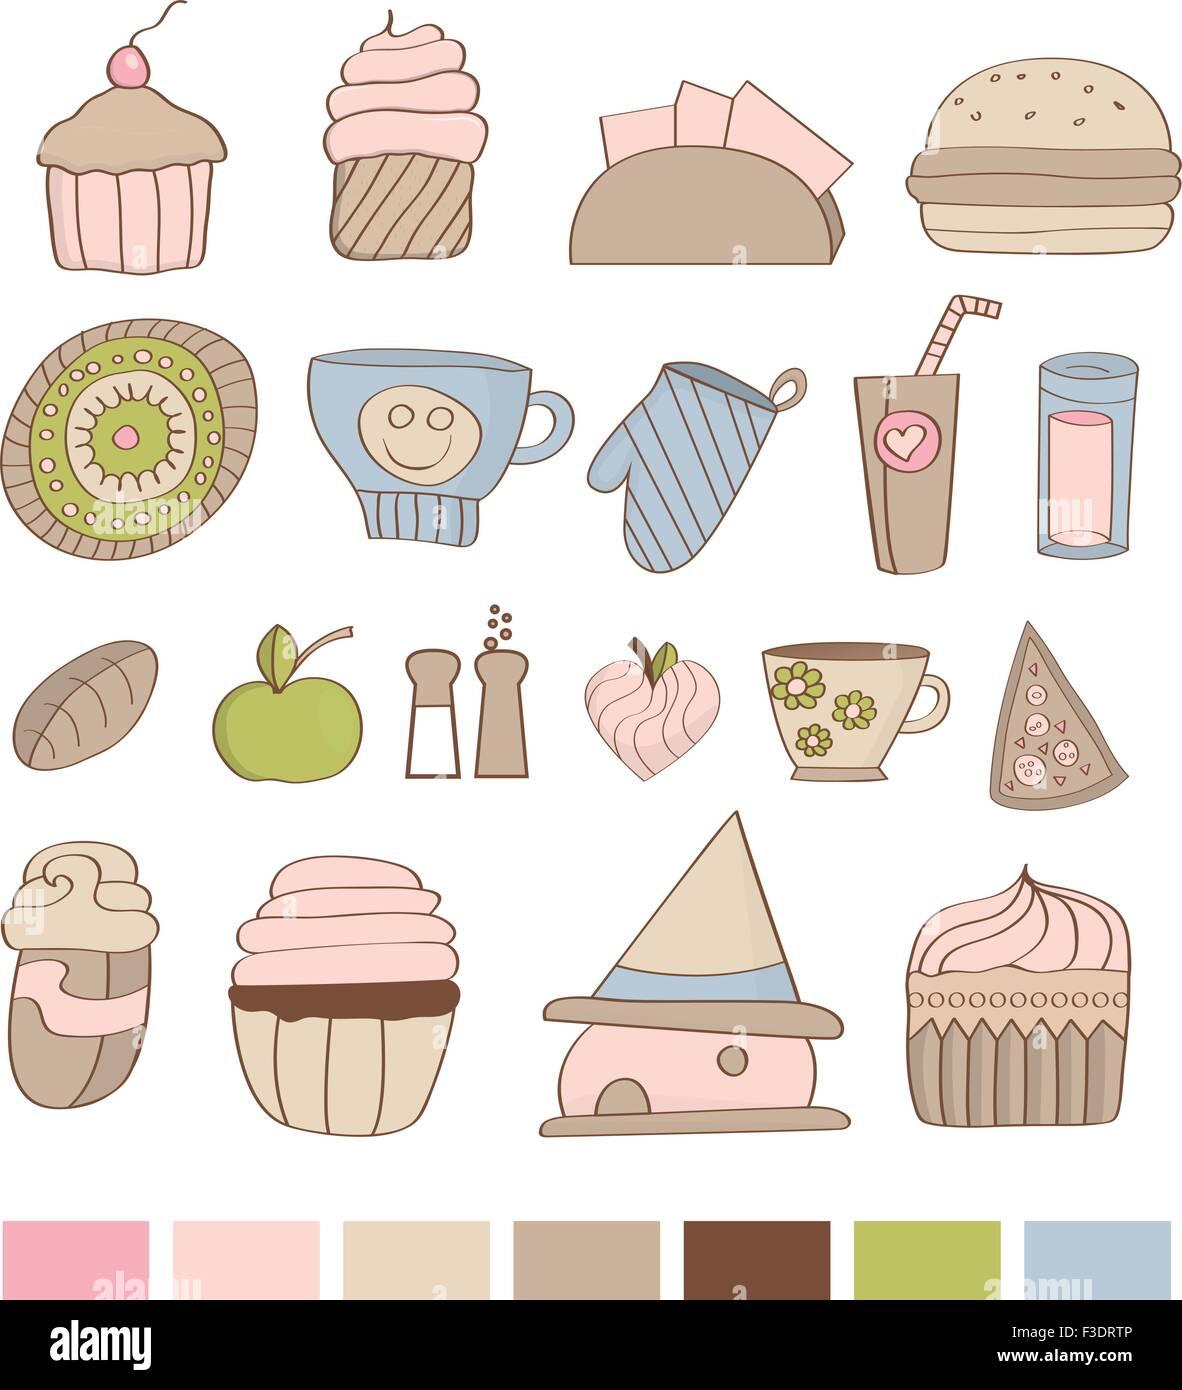 Farbpalette Küche | Satz Von Kuche Dinge Susse Speisen Glas Mit Farbpalette Vektor